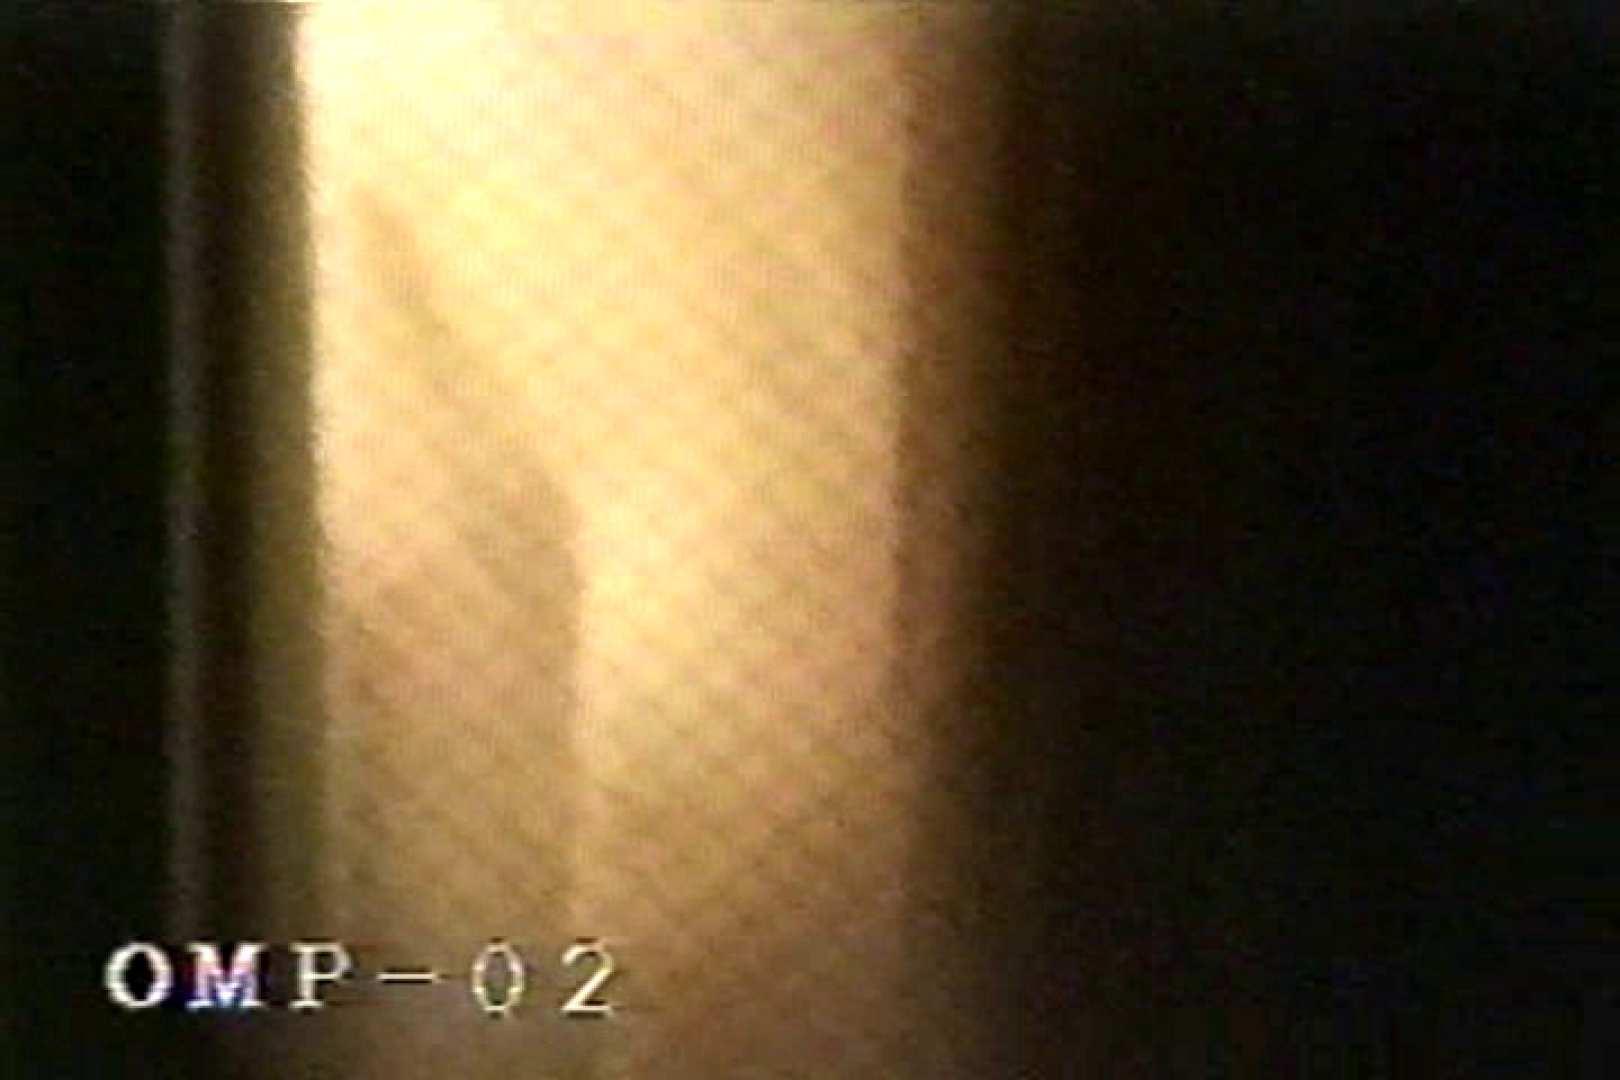 究極の民家覗き撮りVol.2 OL  51連発 10